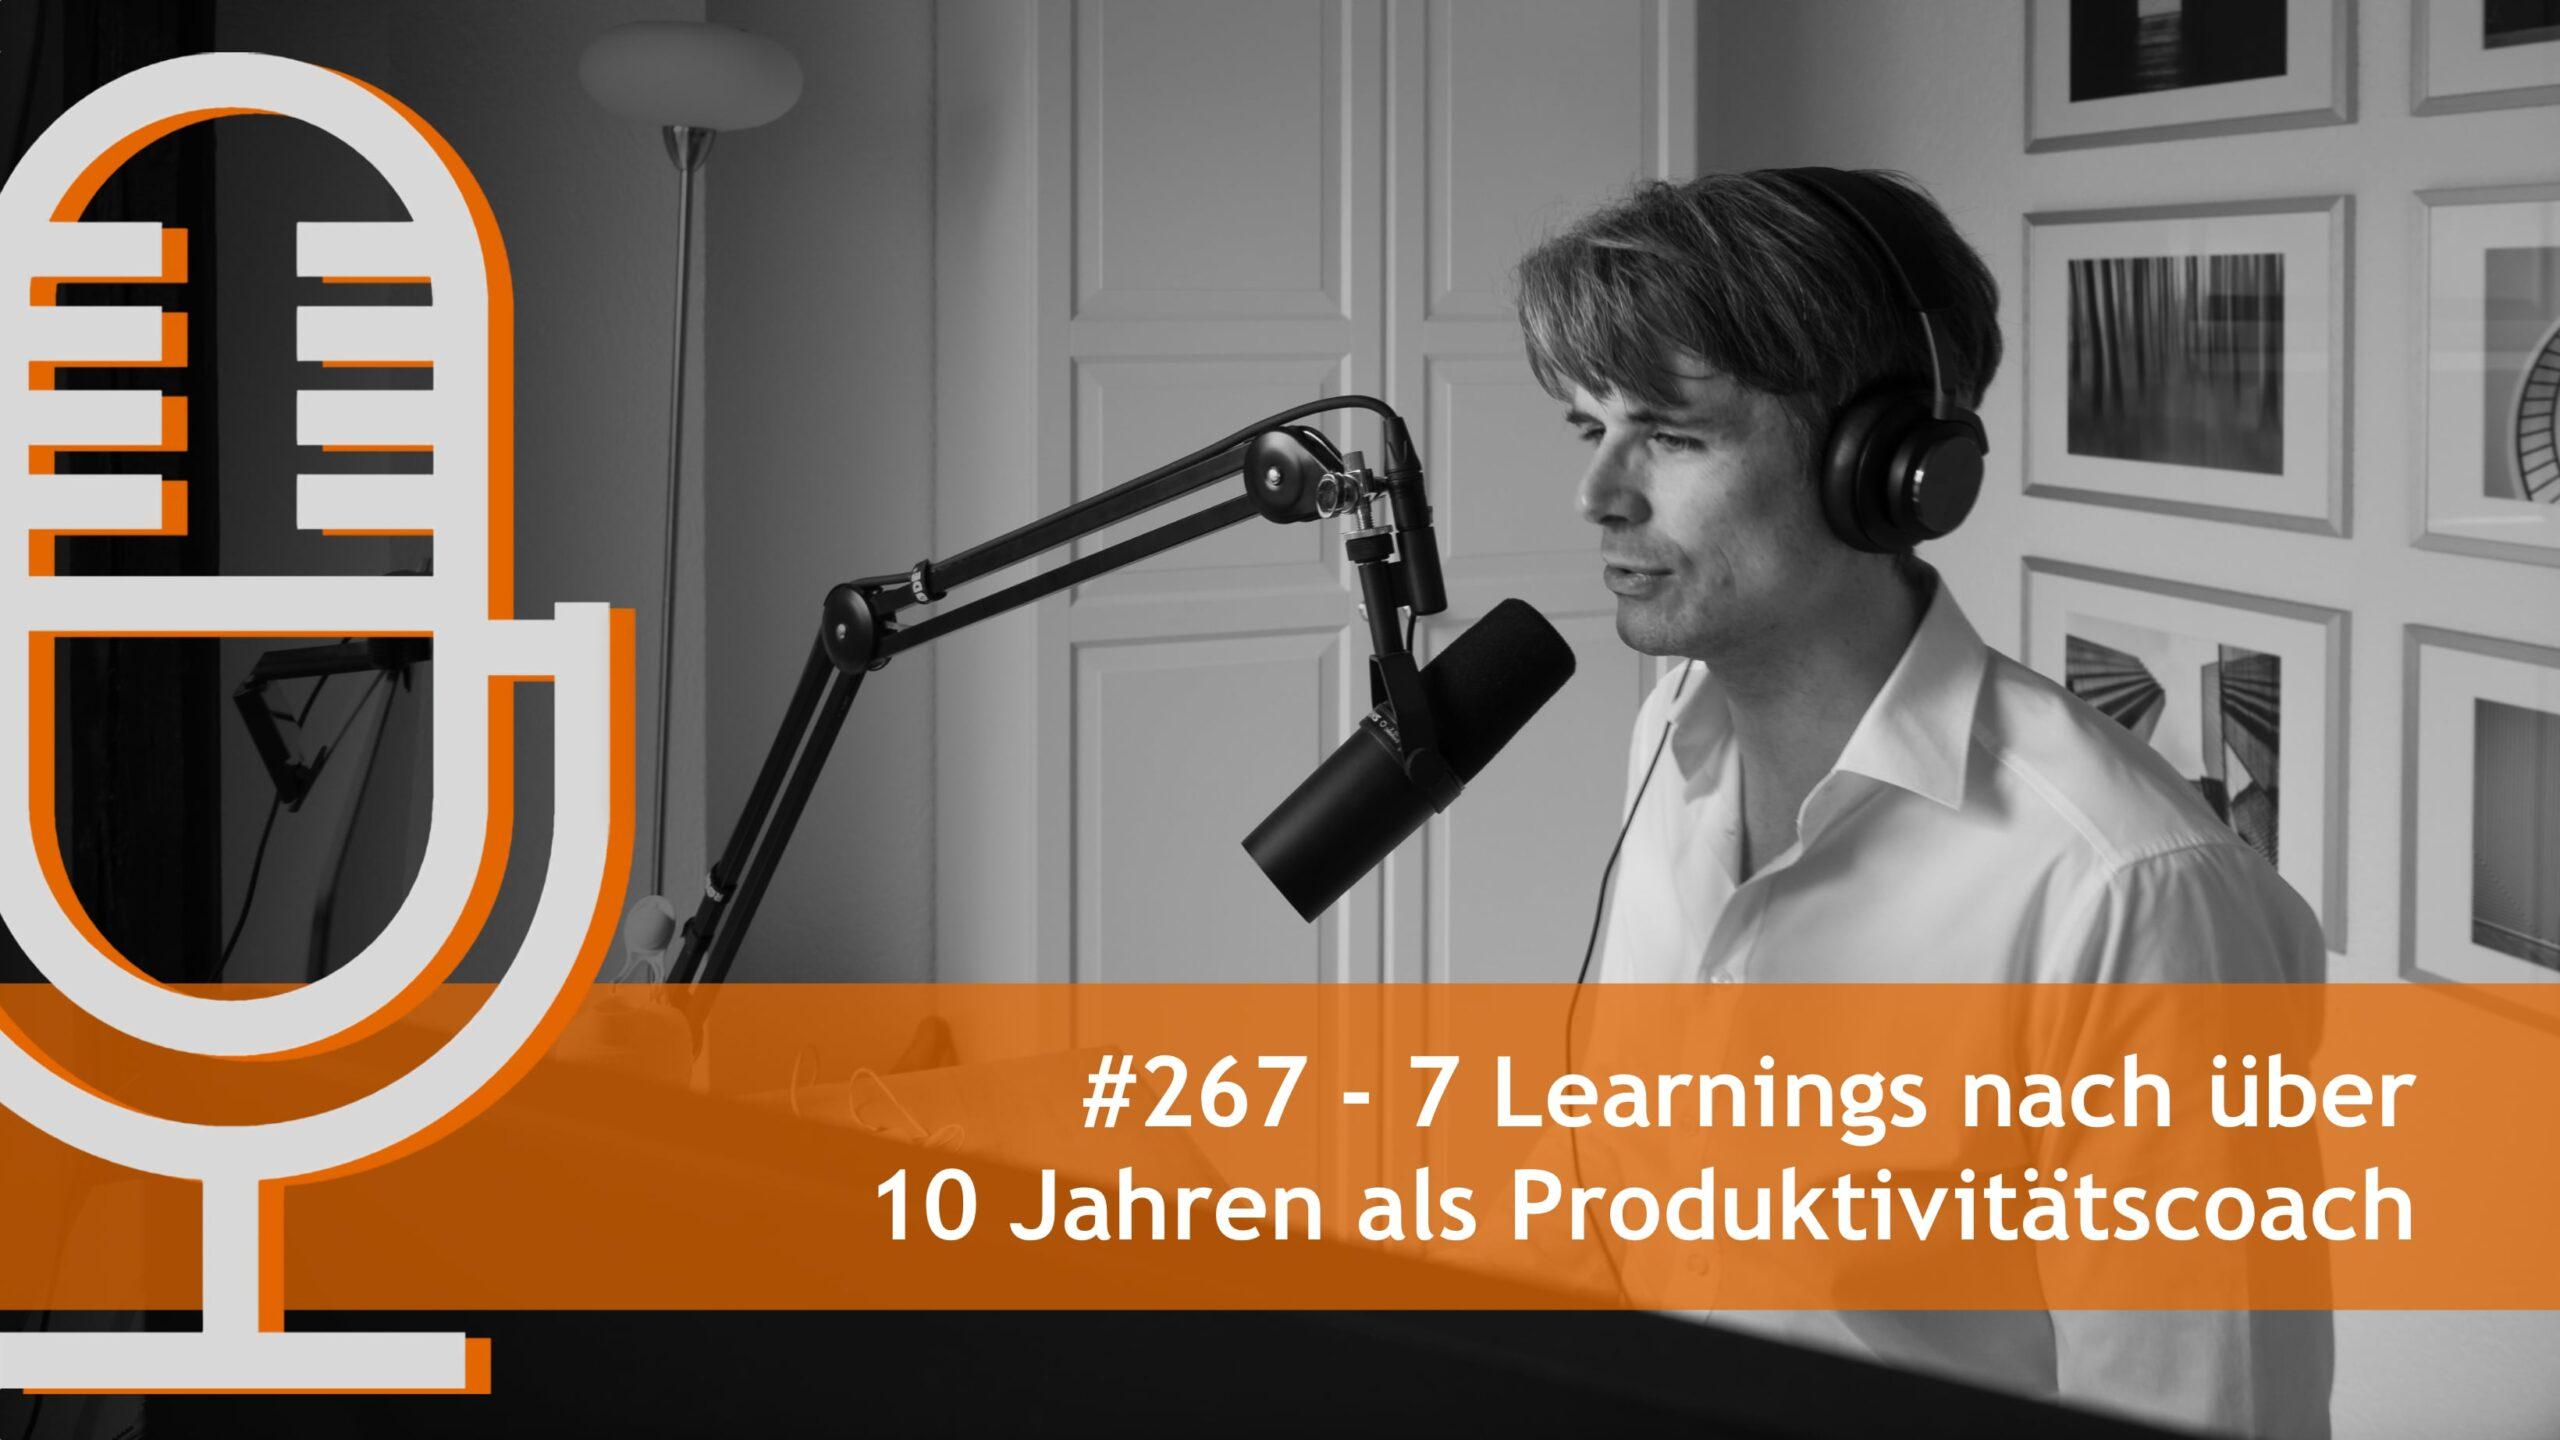 7 Learnings nach über 10 Jahren als Produktivitätscoach